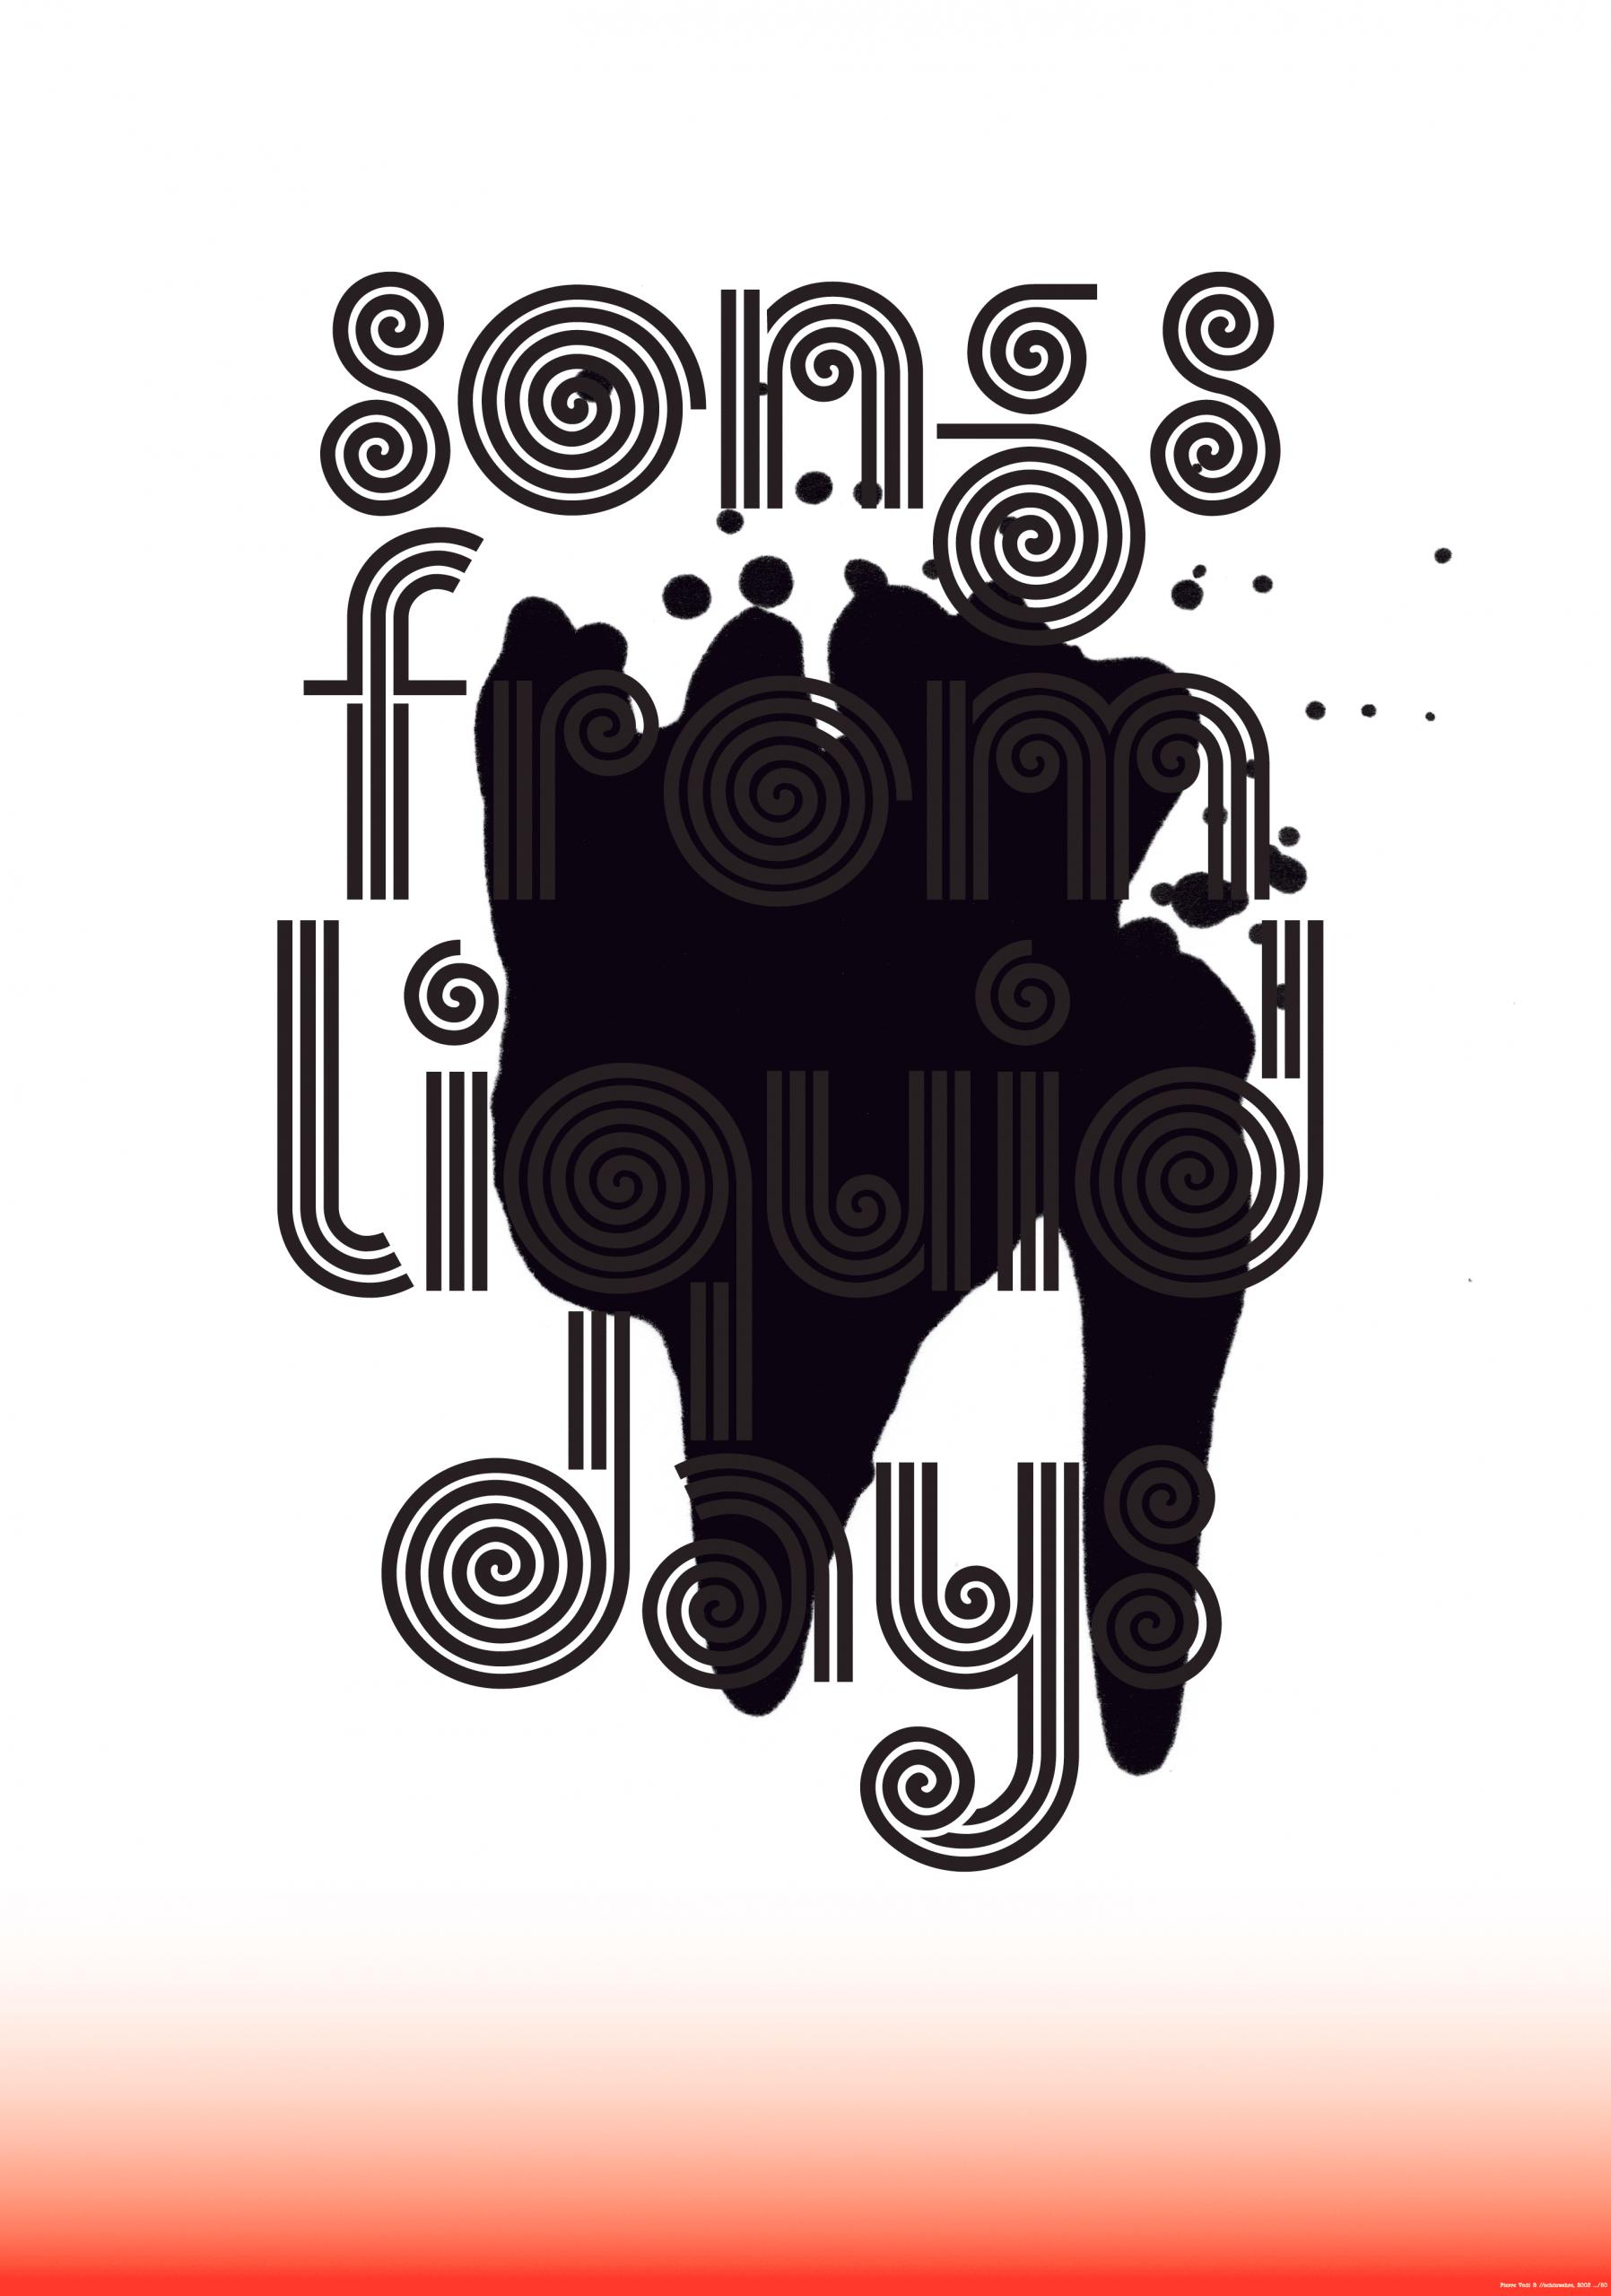 Affiche crée en collaboration avec Pierre Vadi pour l'exposition «A House That Moves», à Fri-Art, Fribourg. La police du titre a été digitalisée d'après une vieille pochette de disque trouvée aux puces.